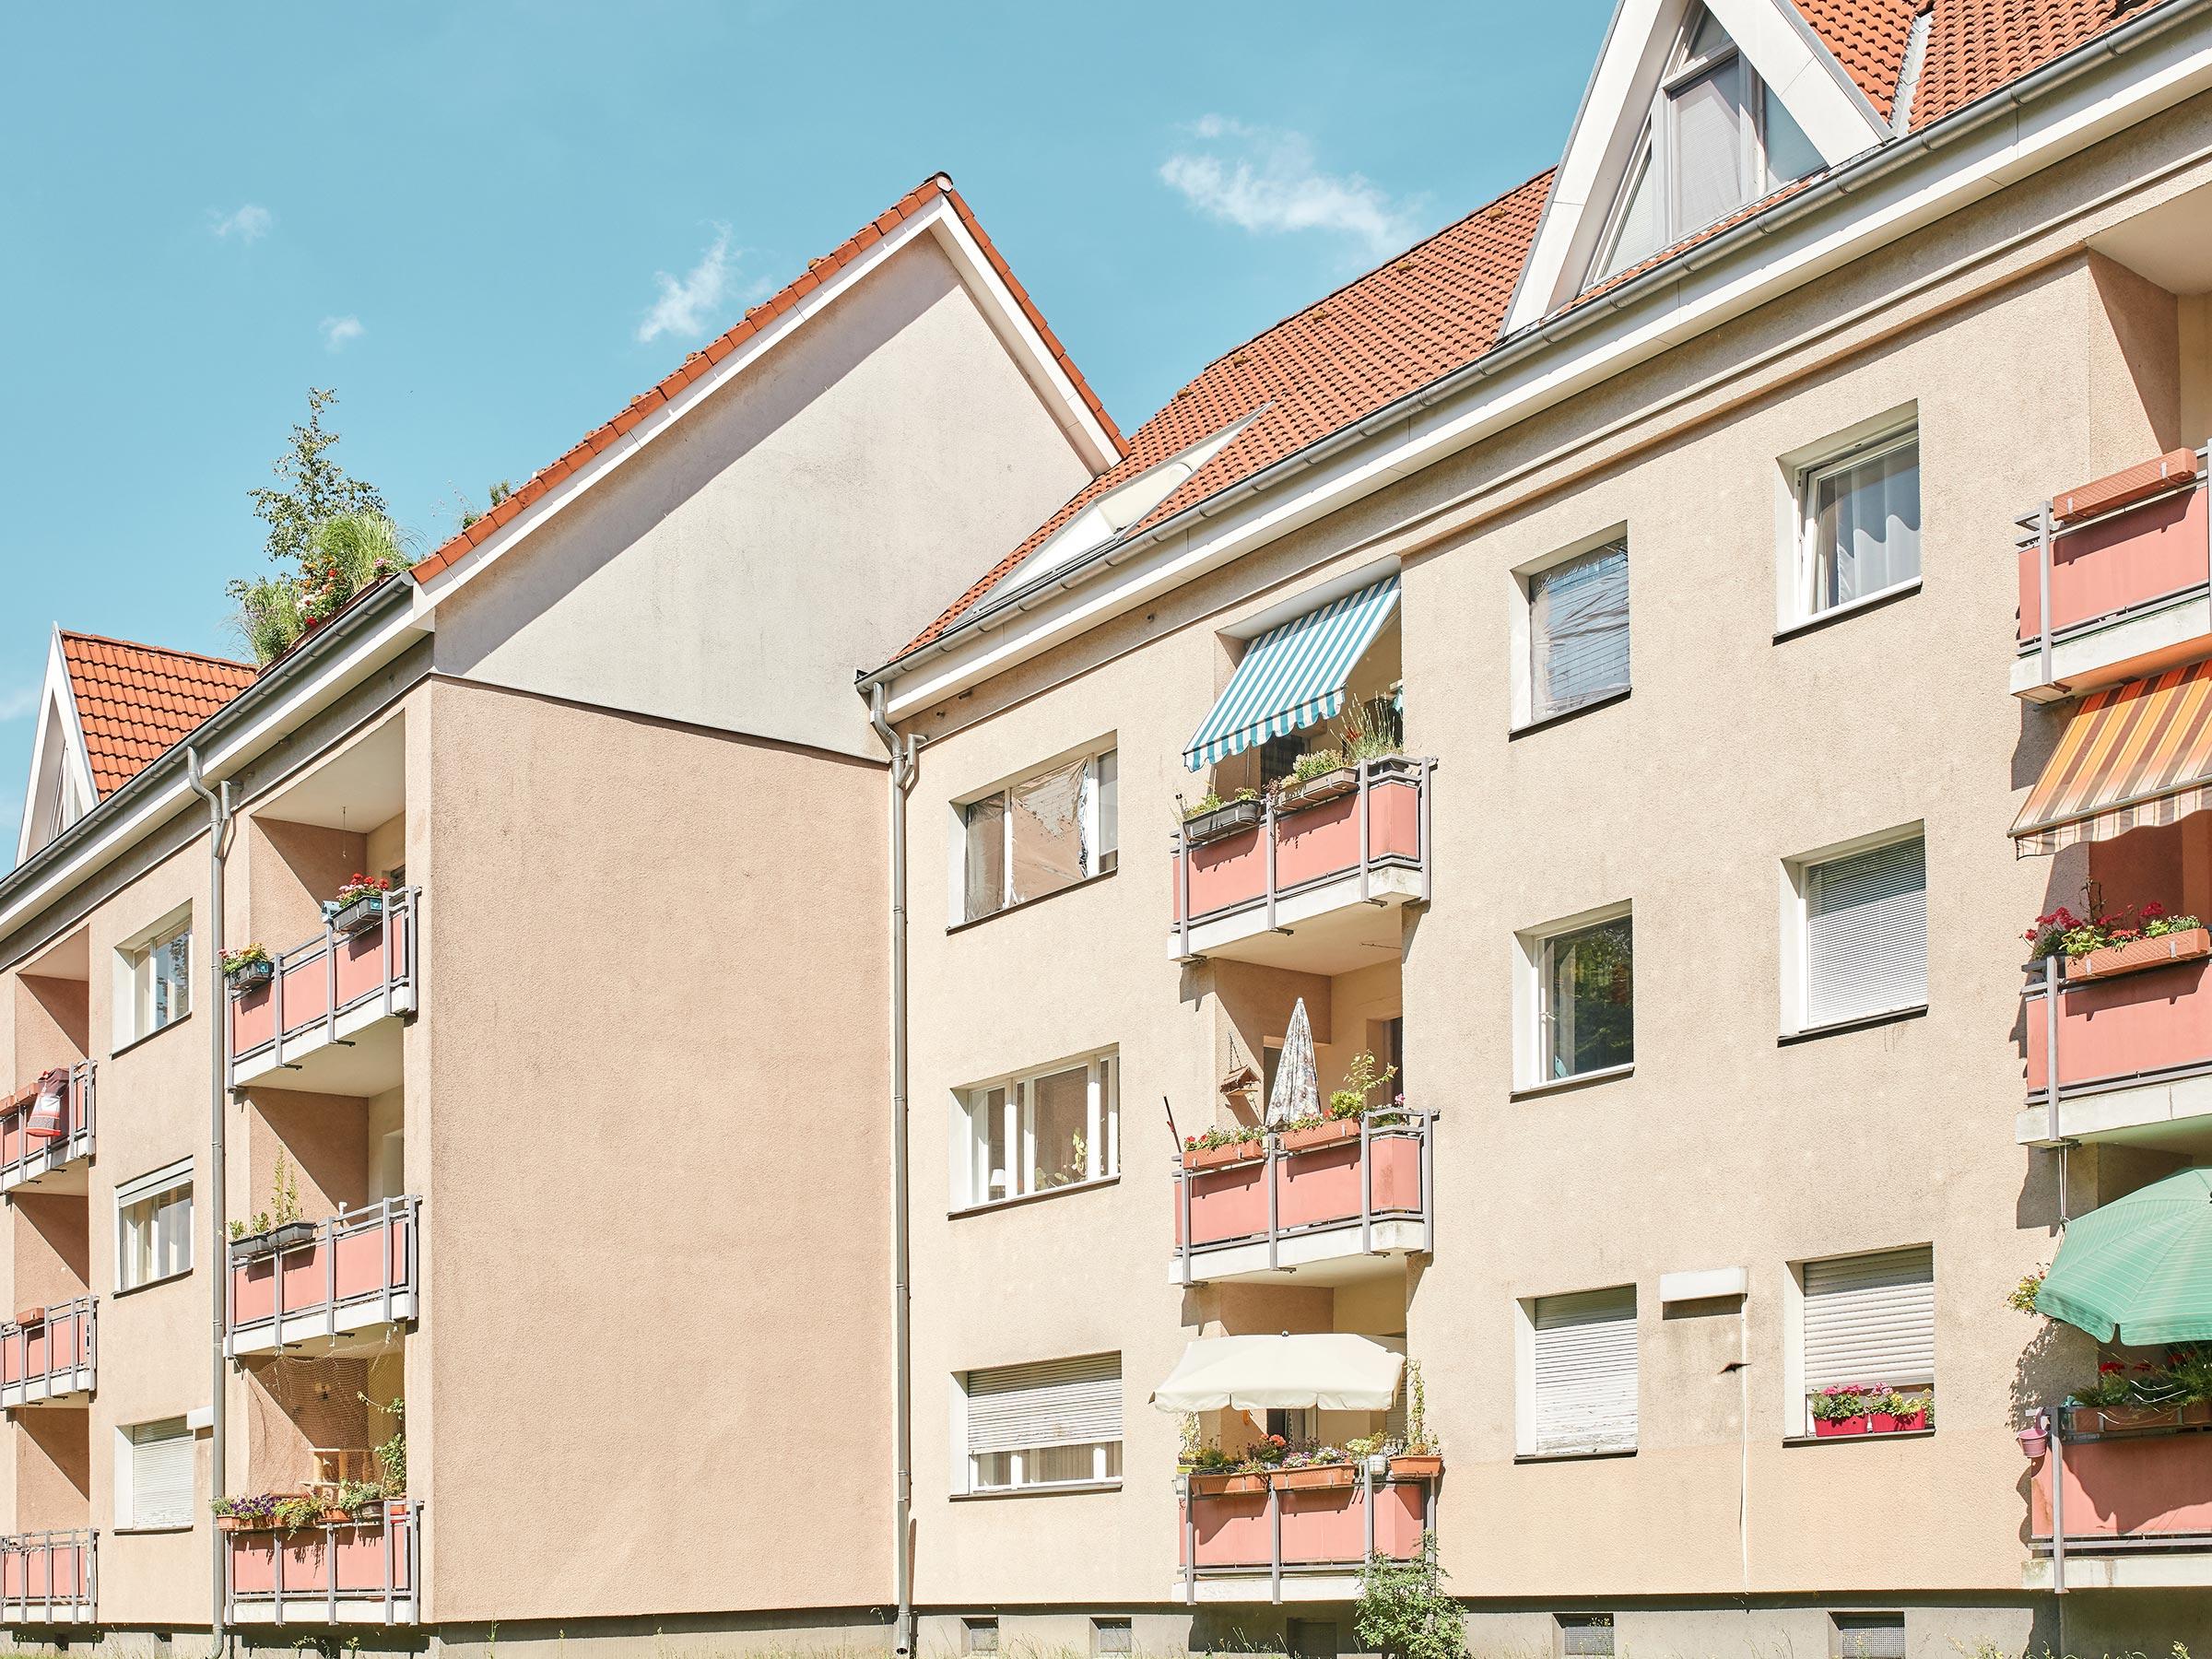 GEWIWO - Mauschbacher Steig